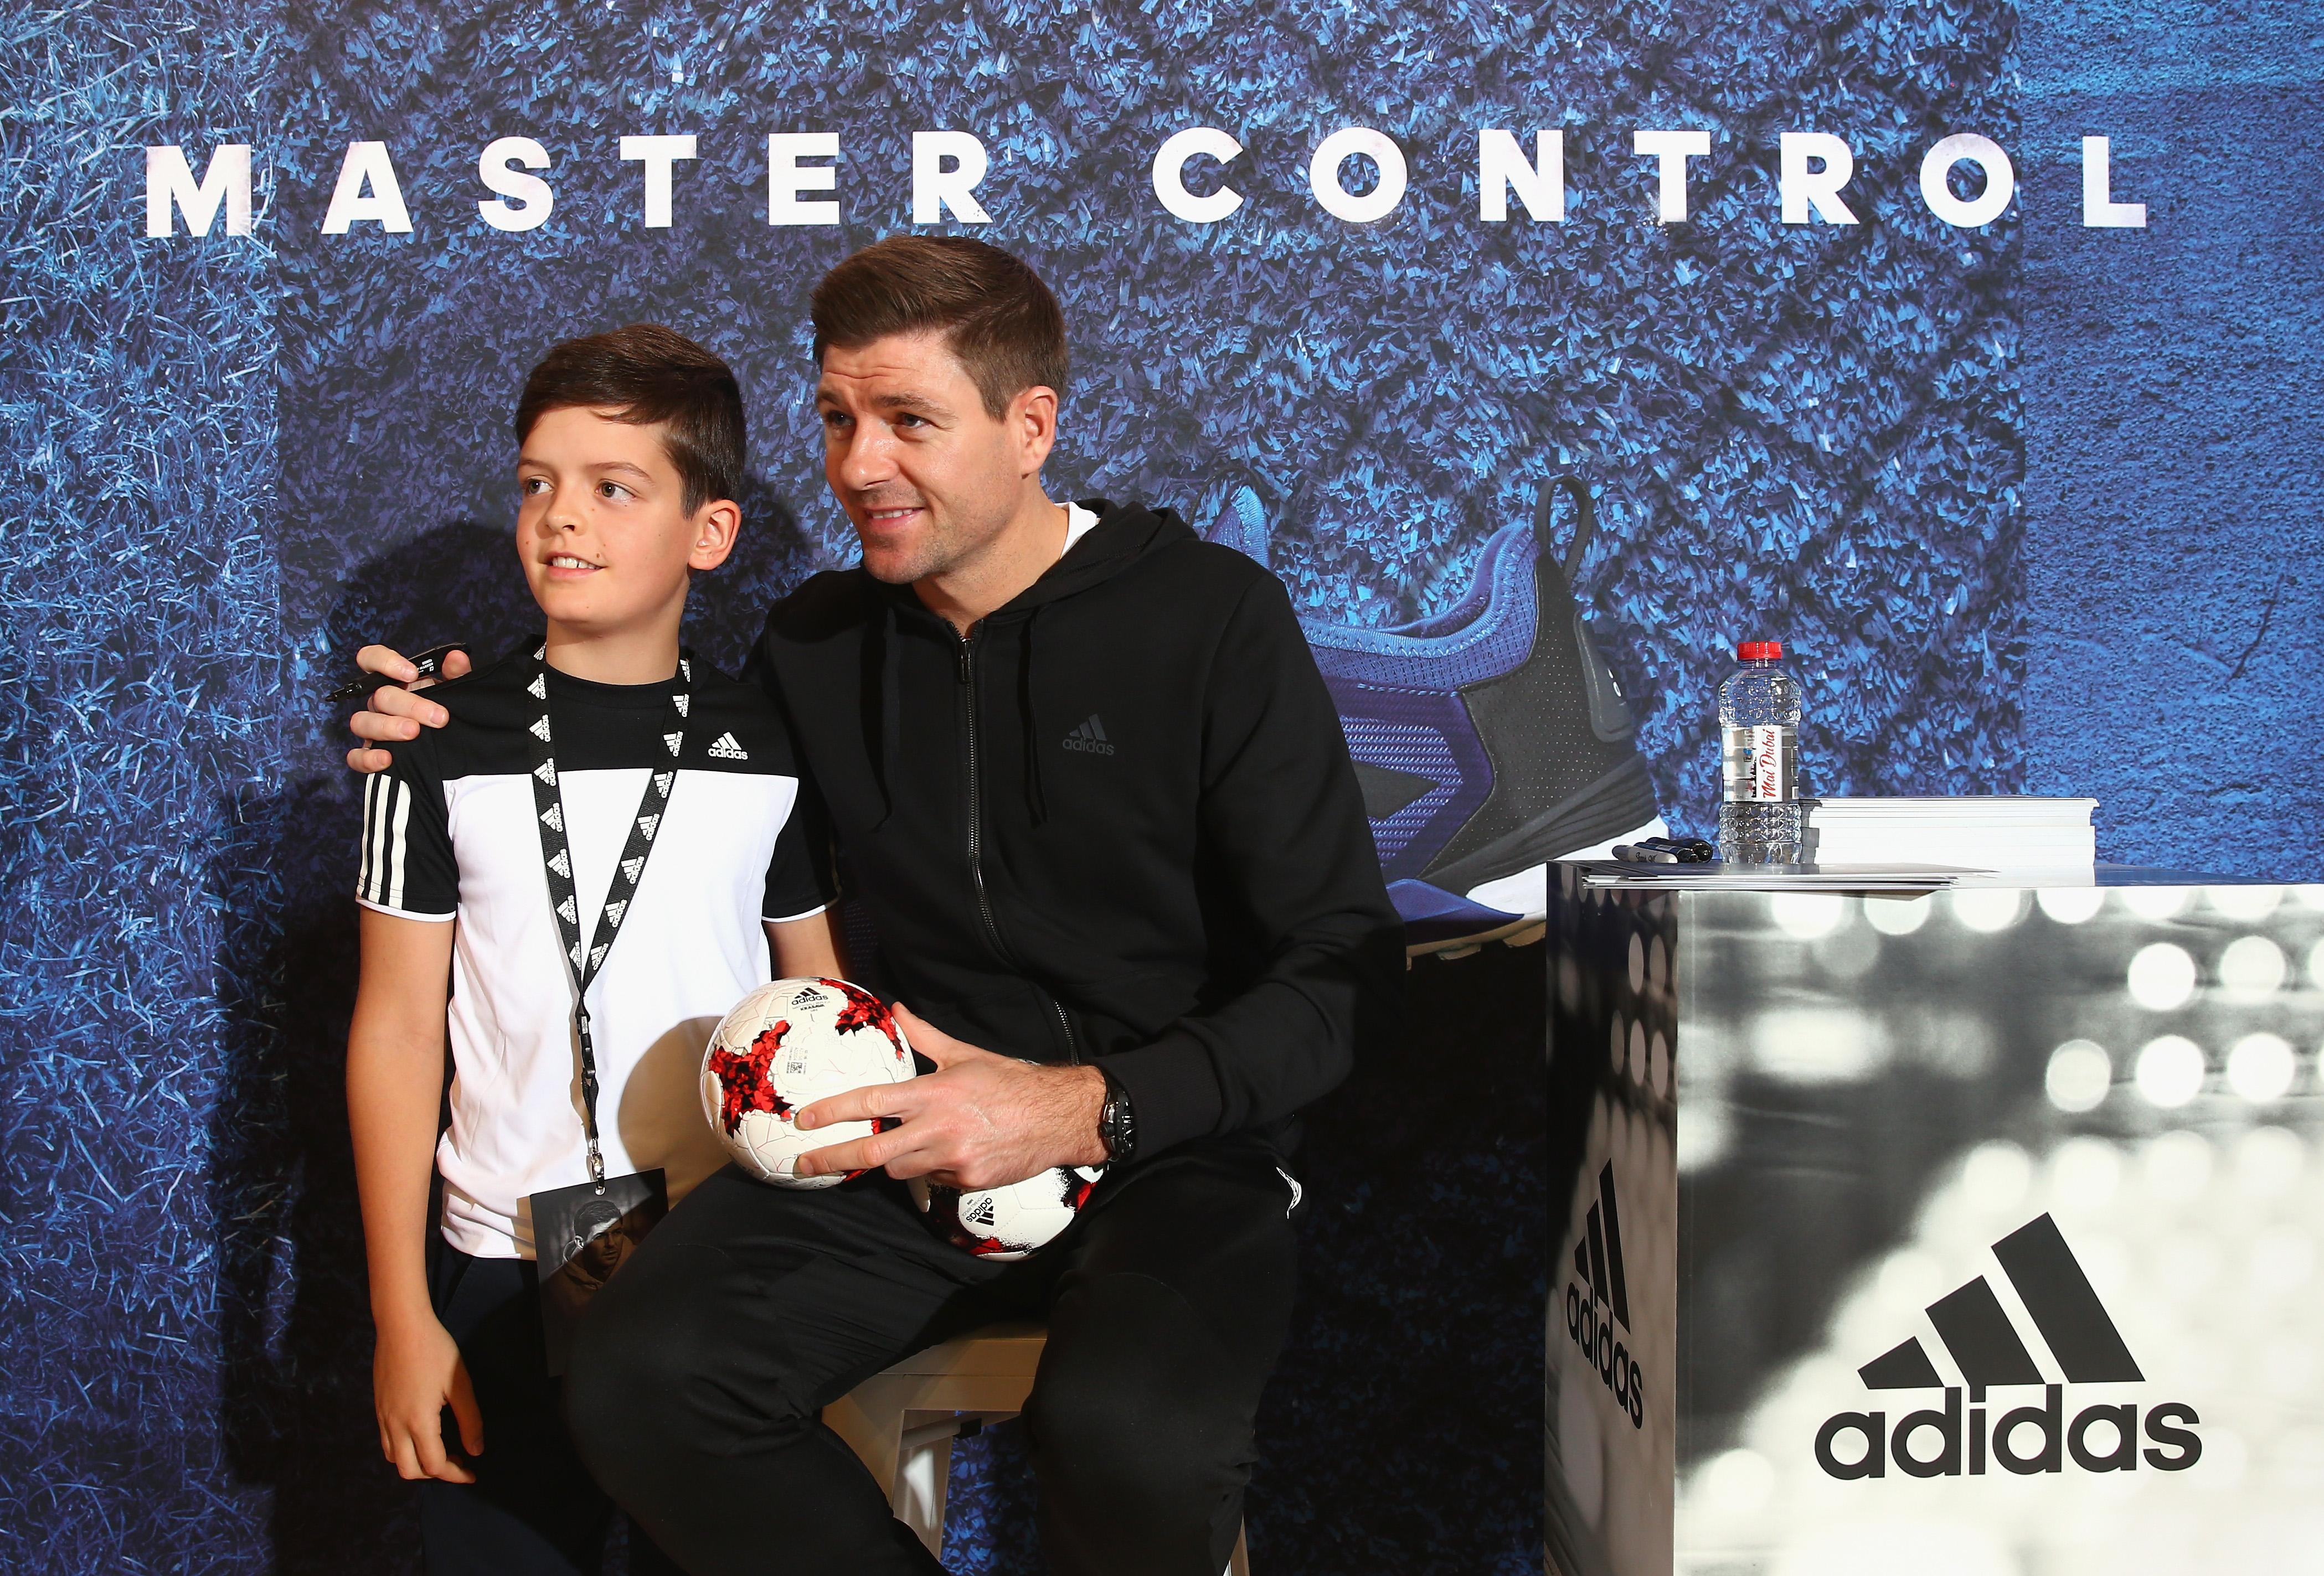 Steven Gerrard, Adidas